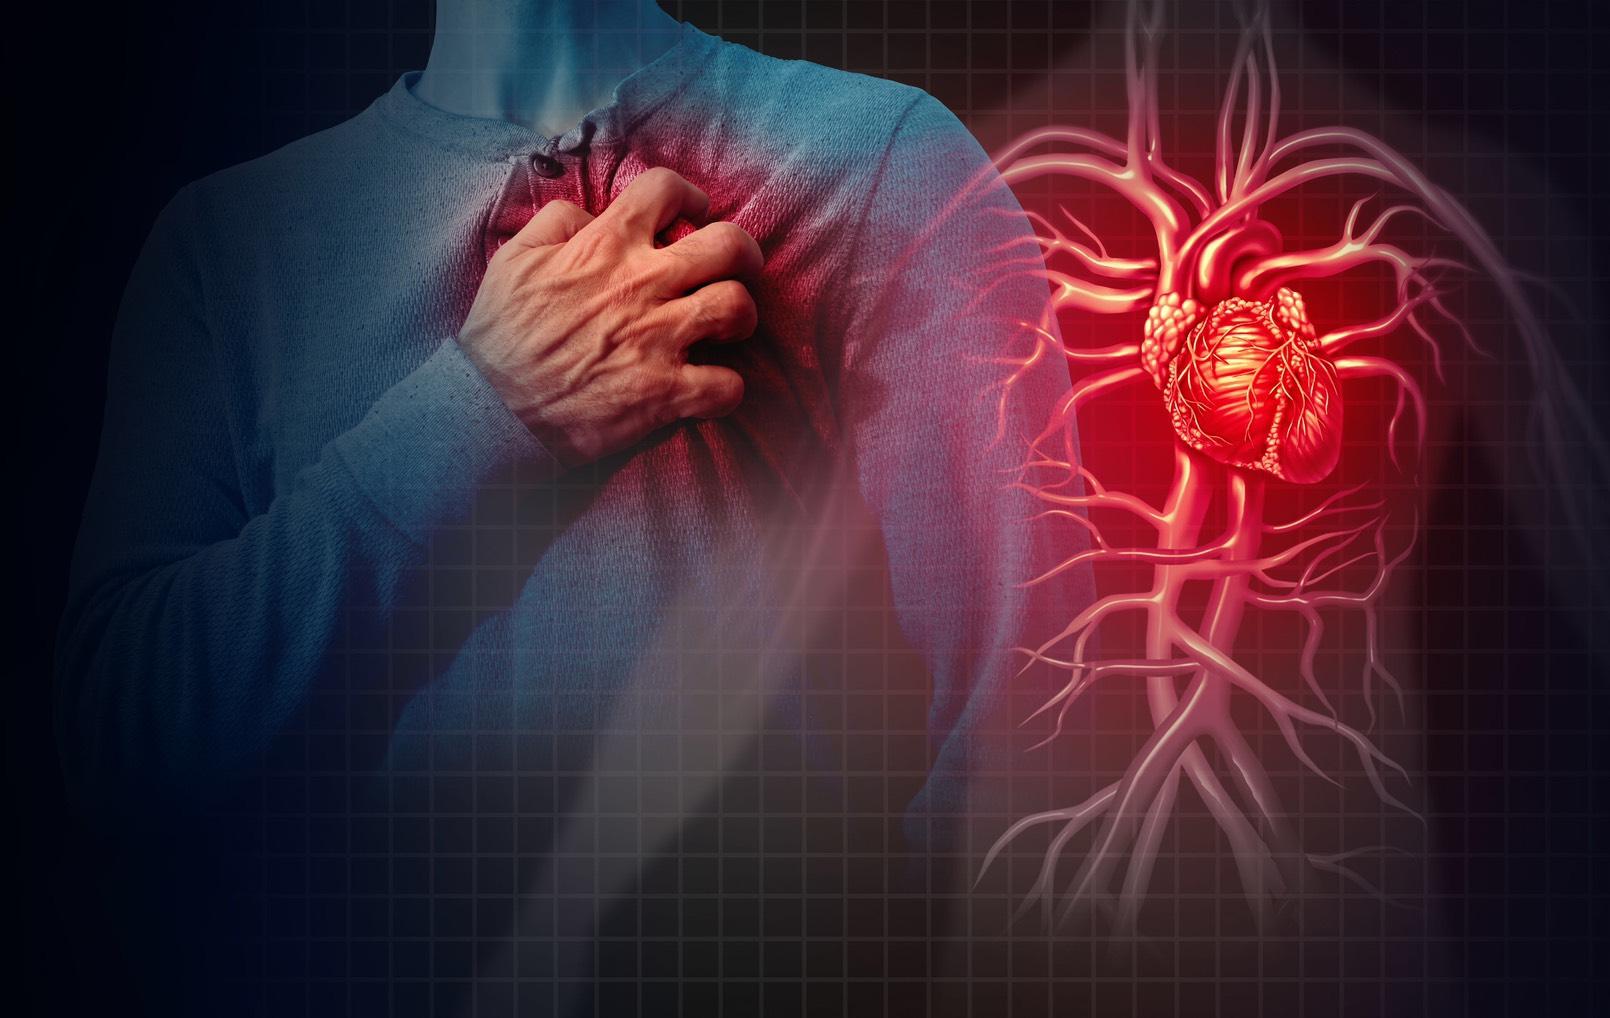 ดูแลหัวใจ ห่างไกลจากโรคหัวใจและหลอดเลือด